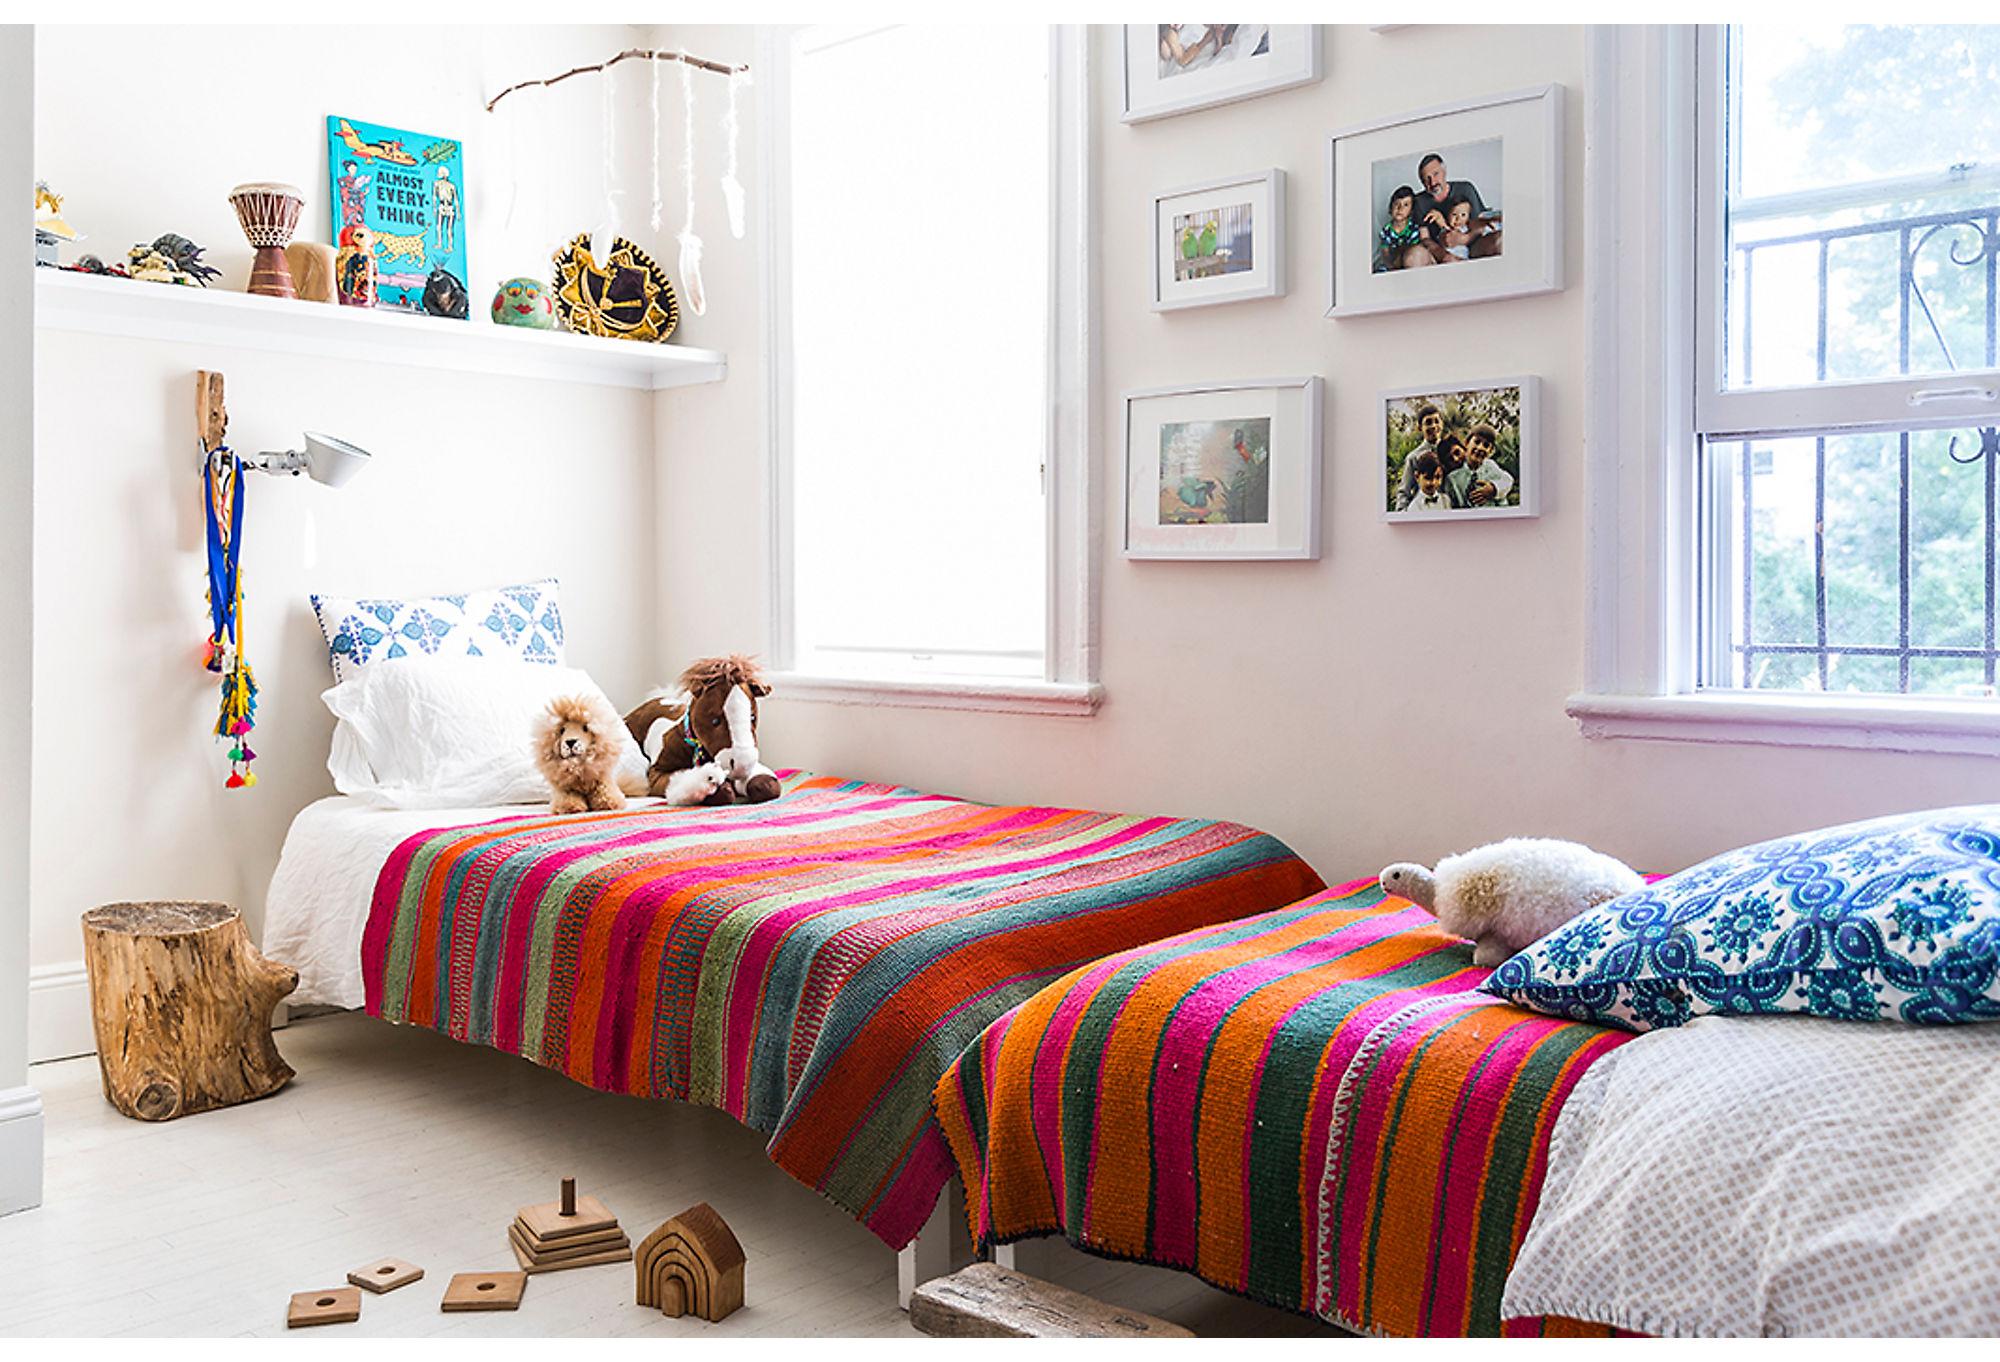 детская спальня кровать текстиль окно наличники